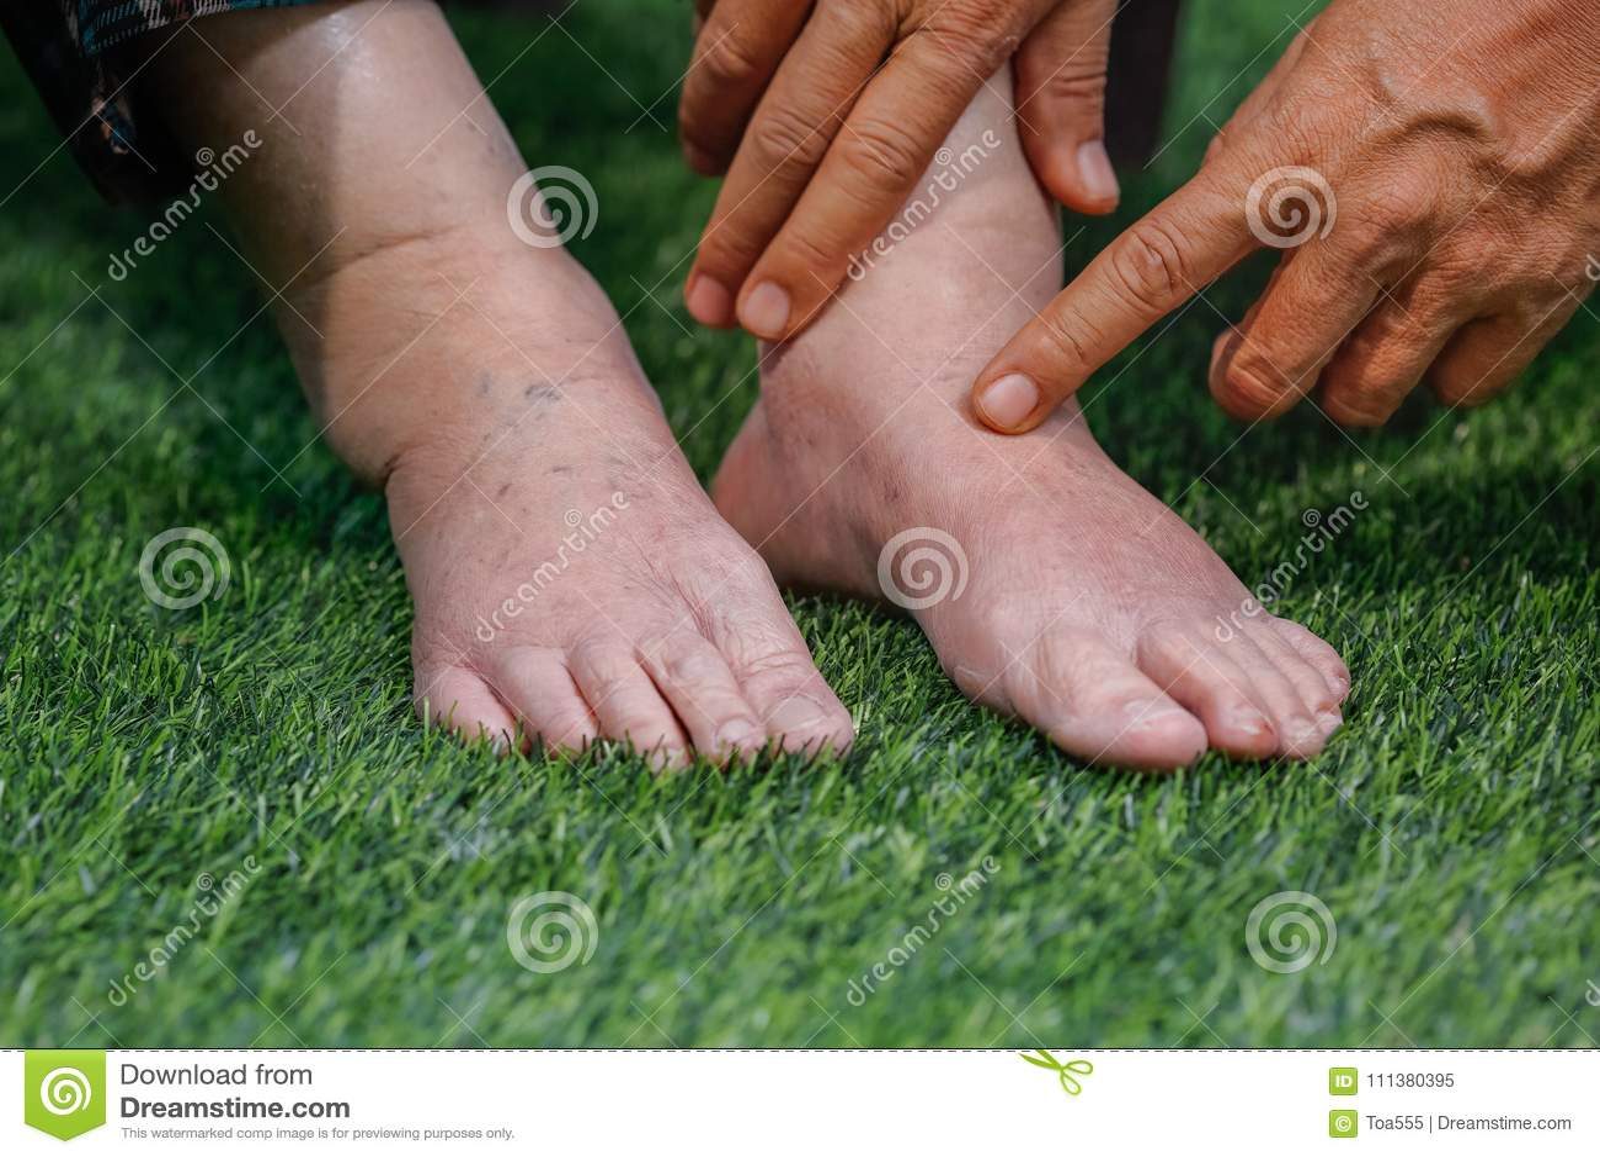 Доктор определяя пожилую опухнутую ногу